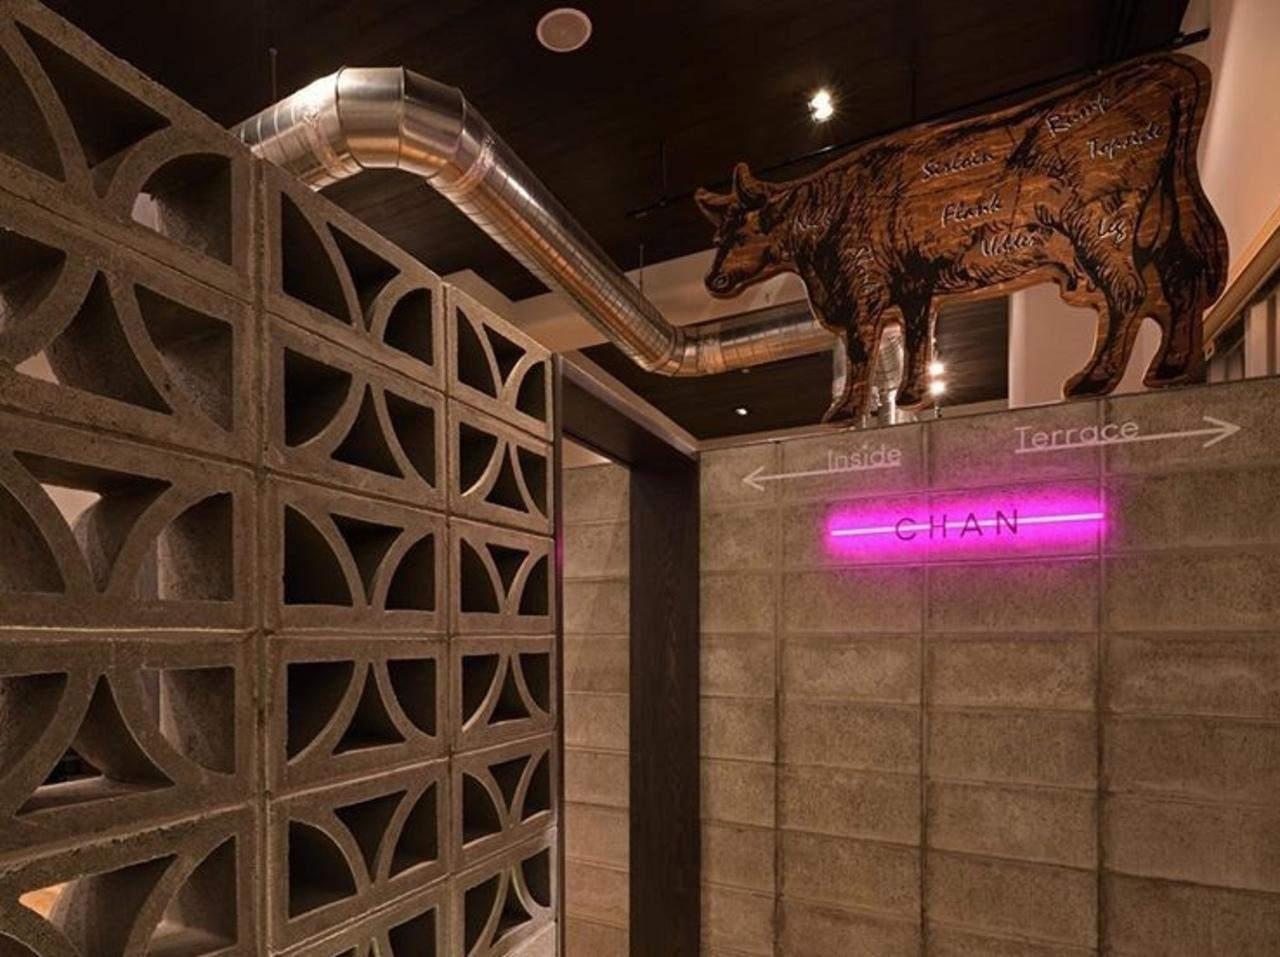 沖縄県石垣市美崎町の石垣島ヴィレッジに「やきにくCHAN石垣島店」がオープンされたようです。